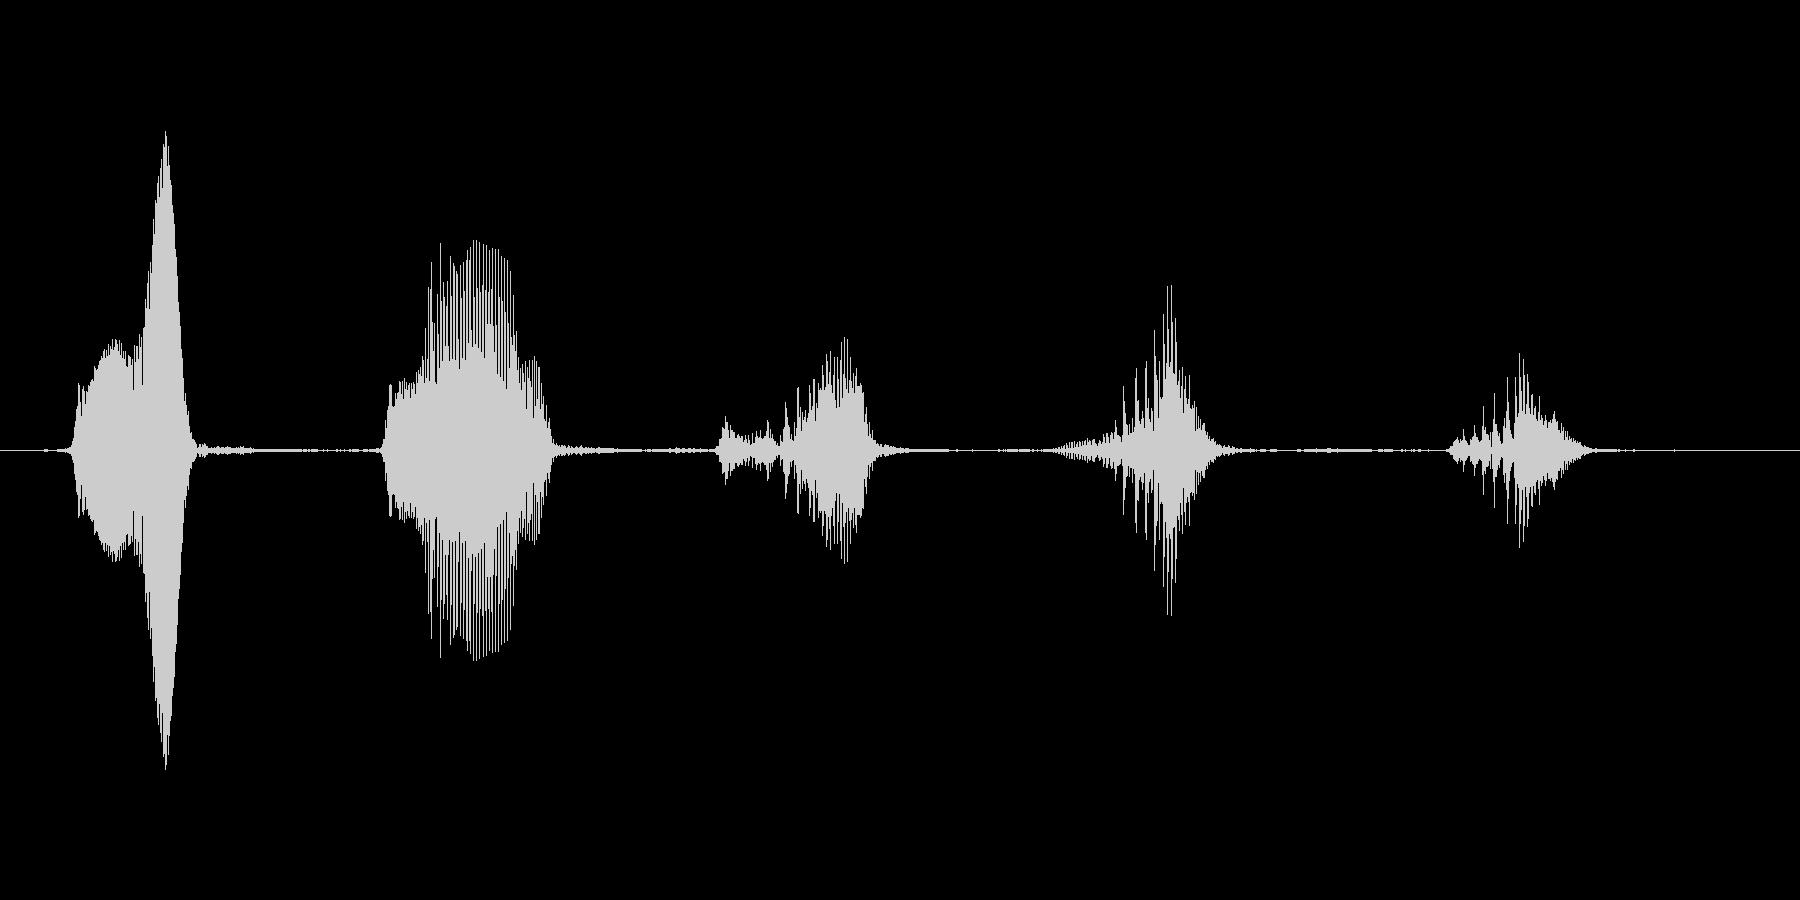 【笑い声】ほっほっほ(短め)の未再生の波形